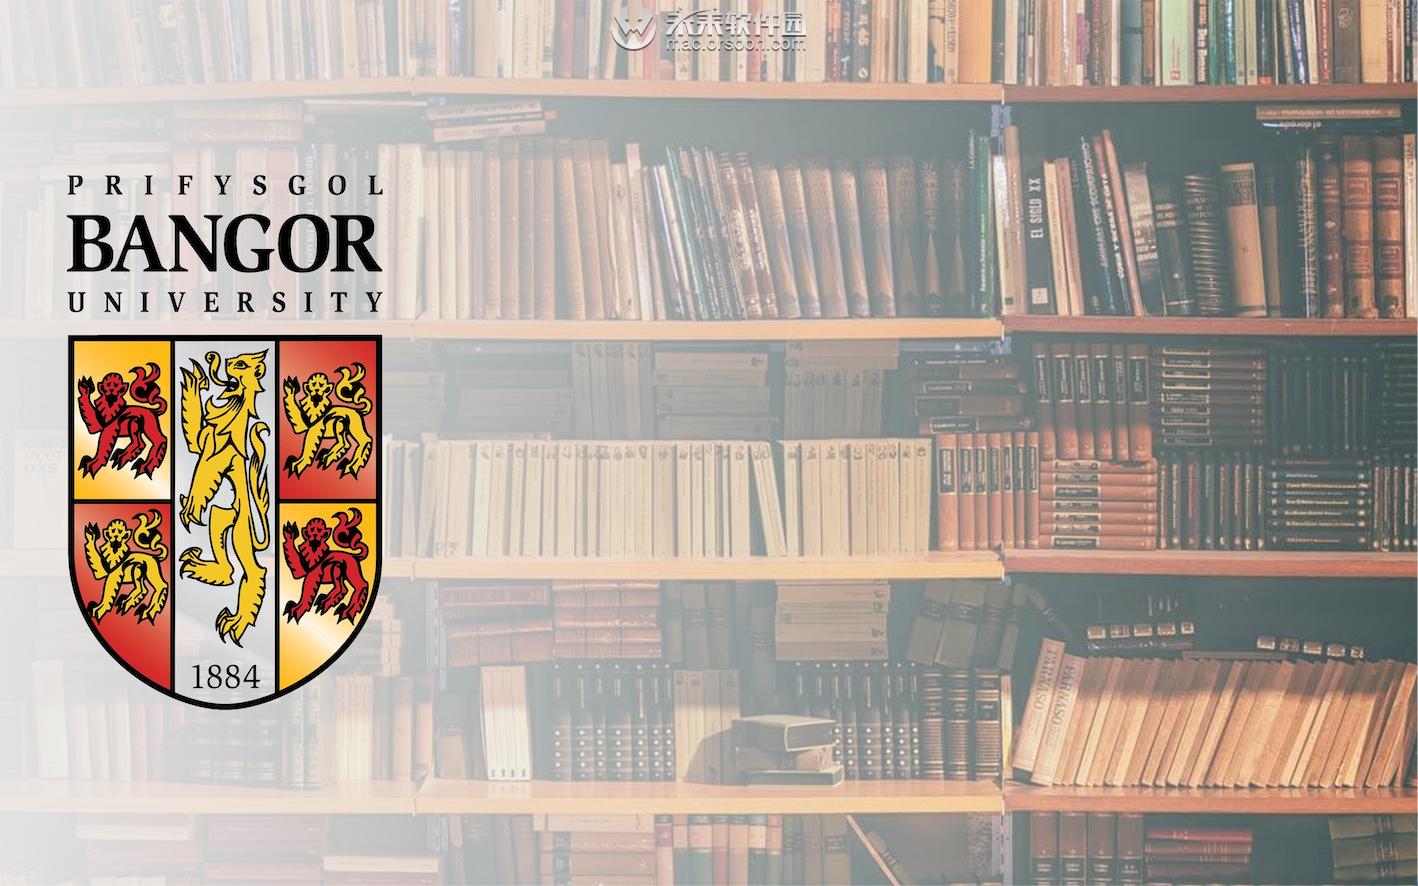 班戈大学徽标动态桌面壁纸